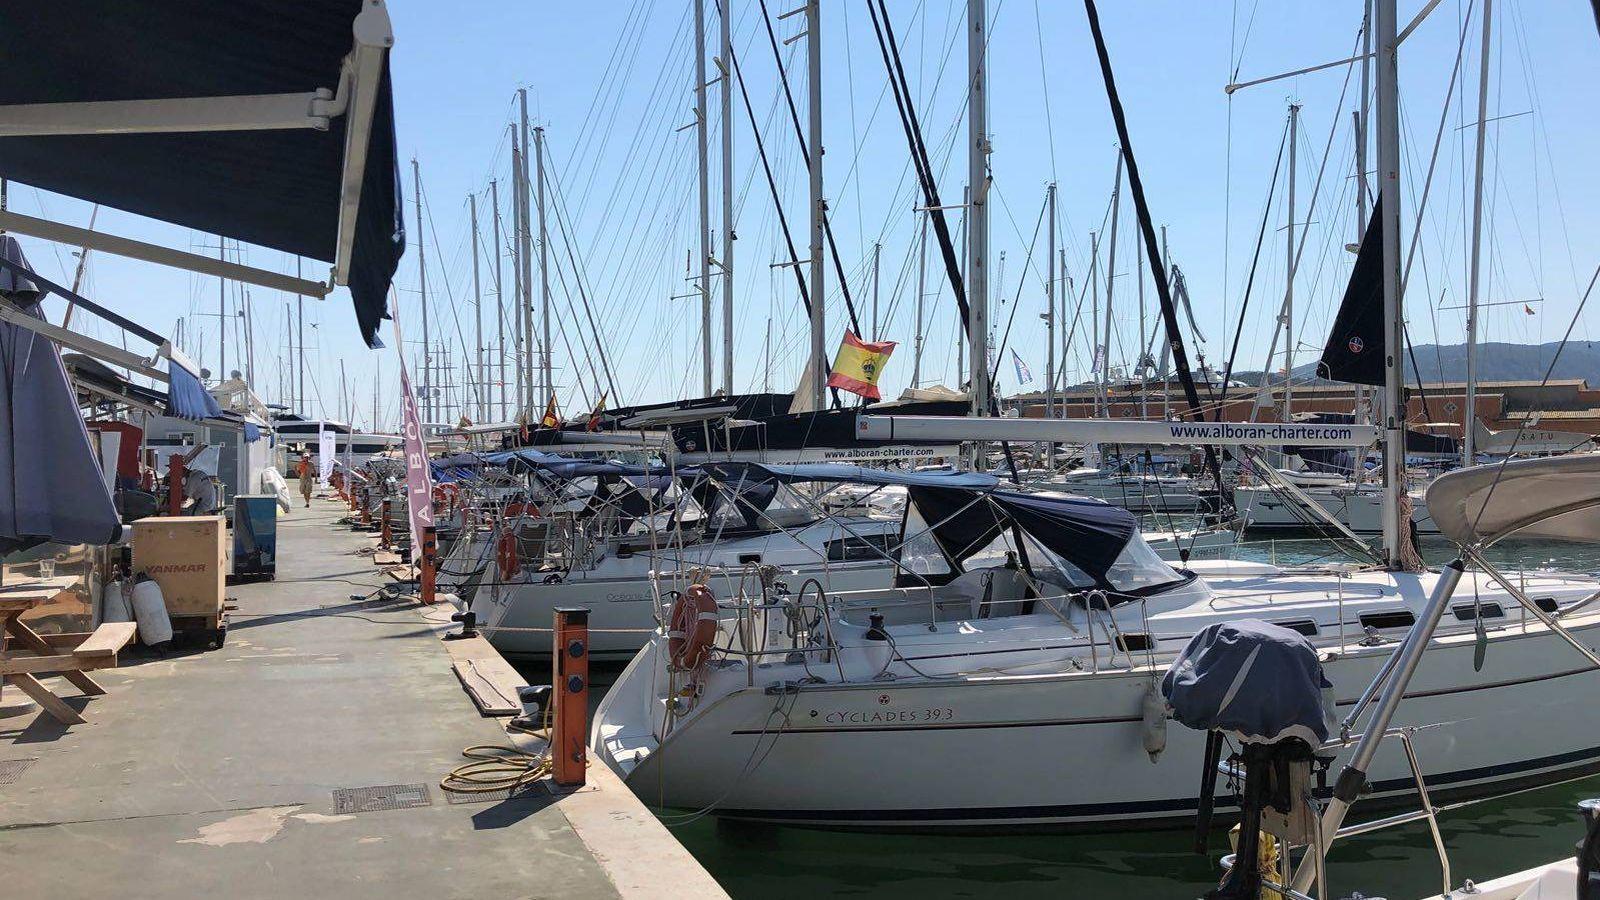 Foto: Imagen del puerto de chárter de Mallorca este mismo martes, con la mayoría de los barcos atracados. (Cedida por Fernando Garzón)